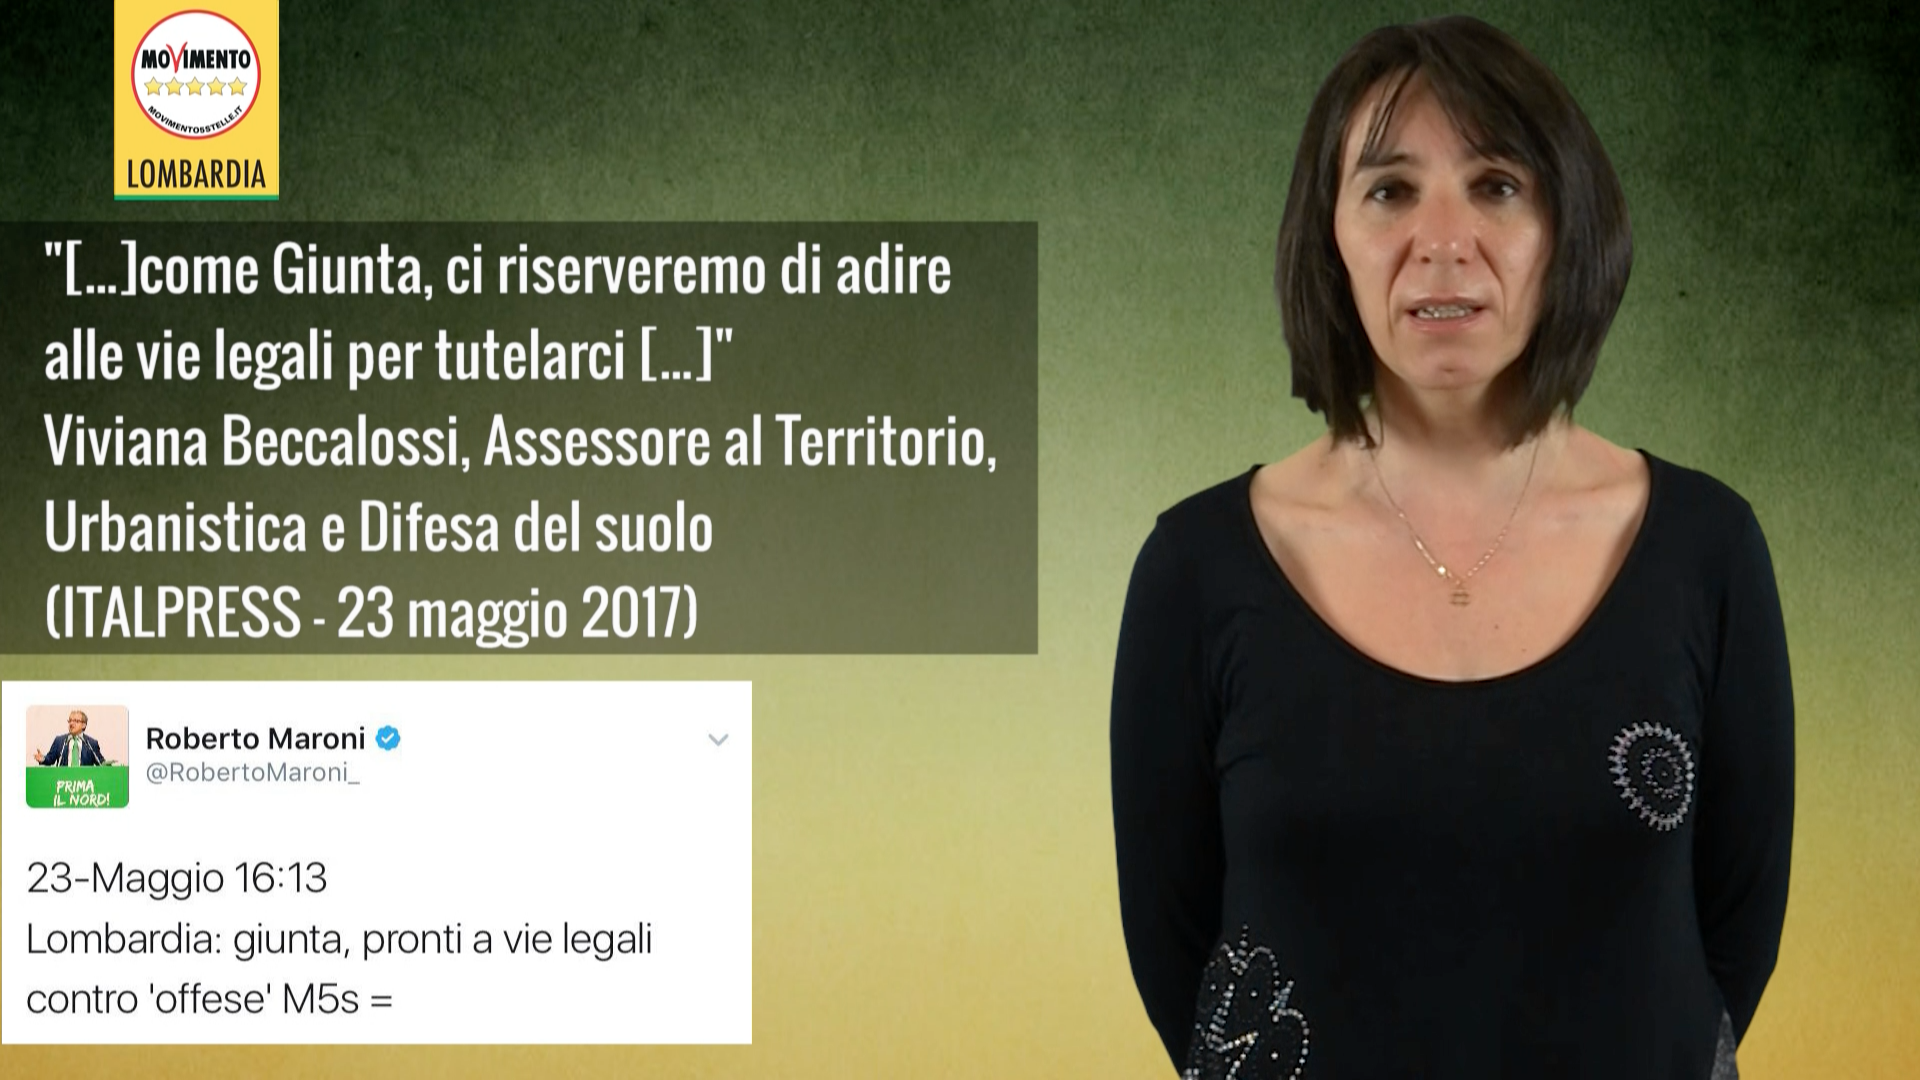 Opposizione al consumo di suolo: l'Italia è una democrazia!